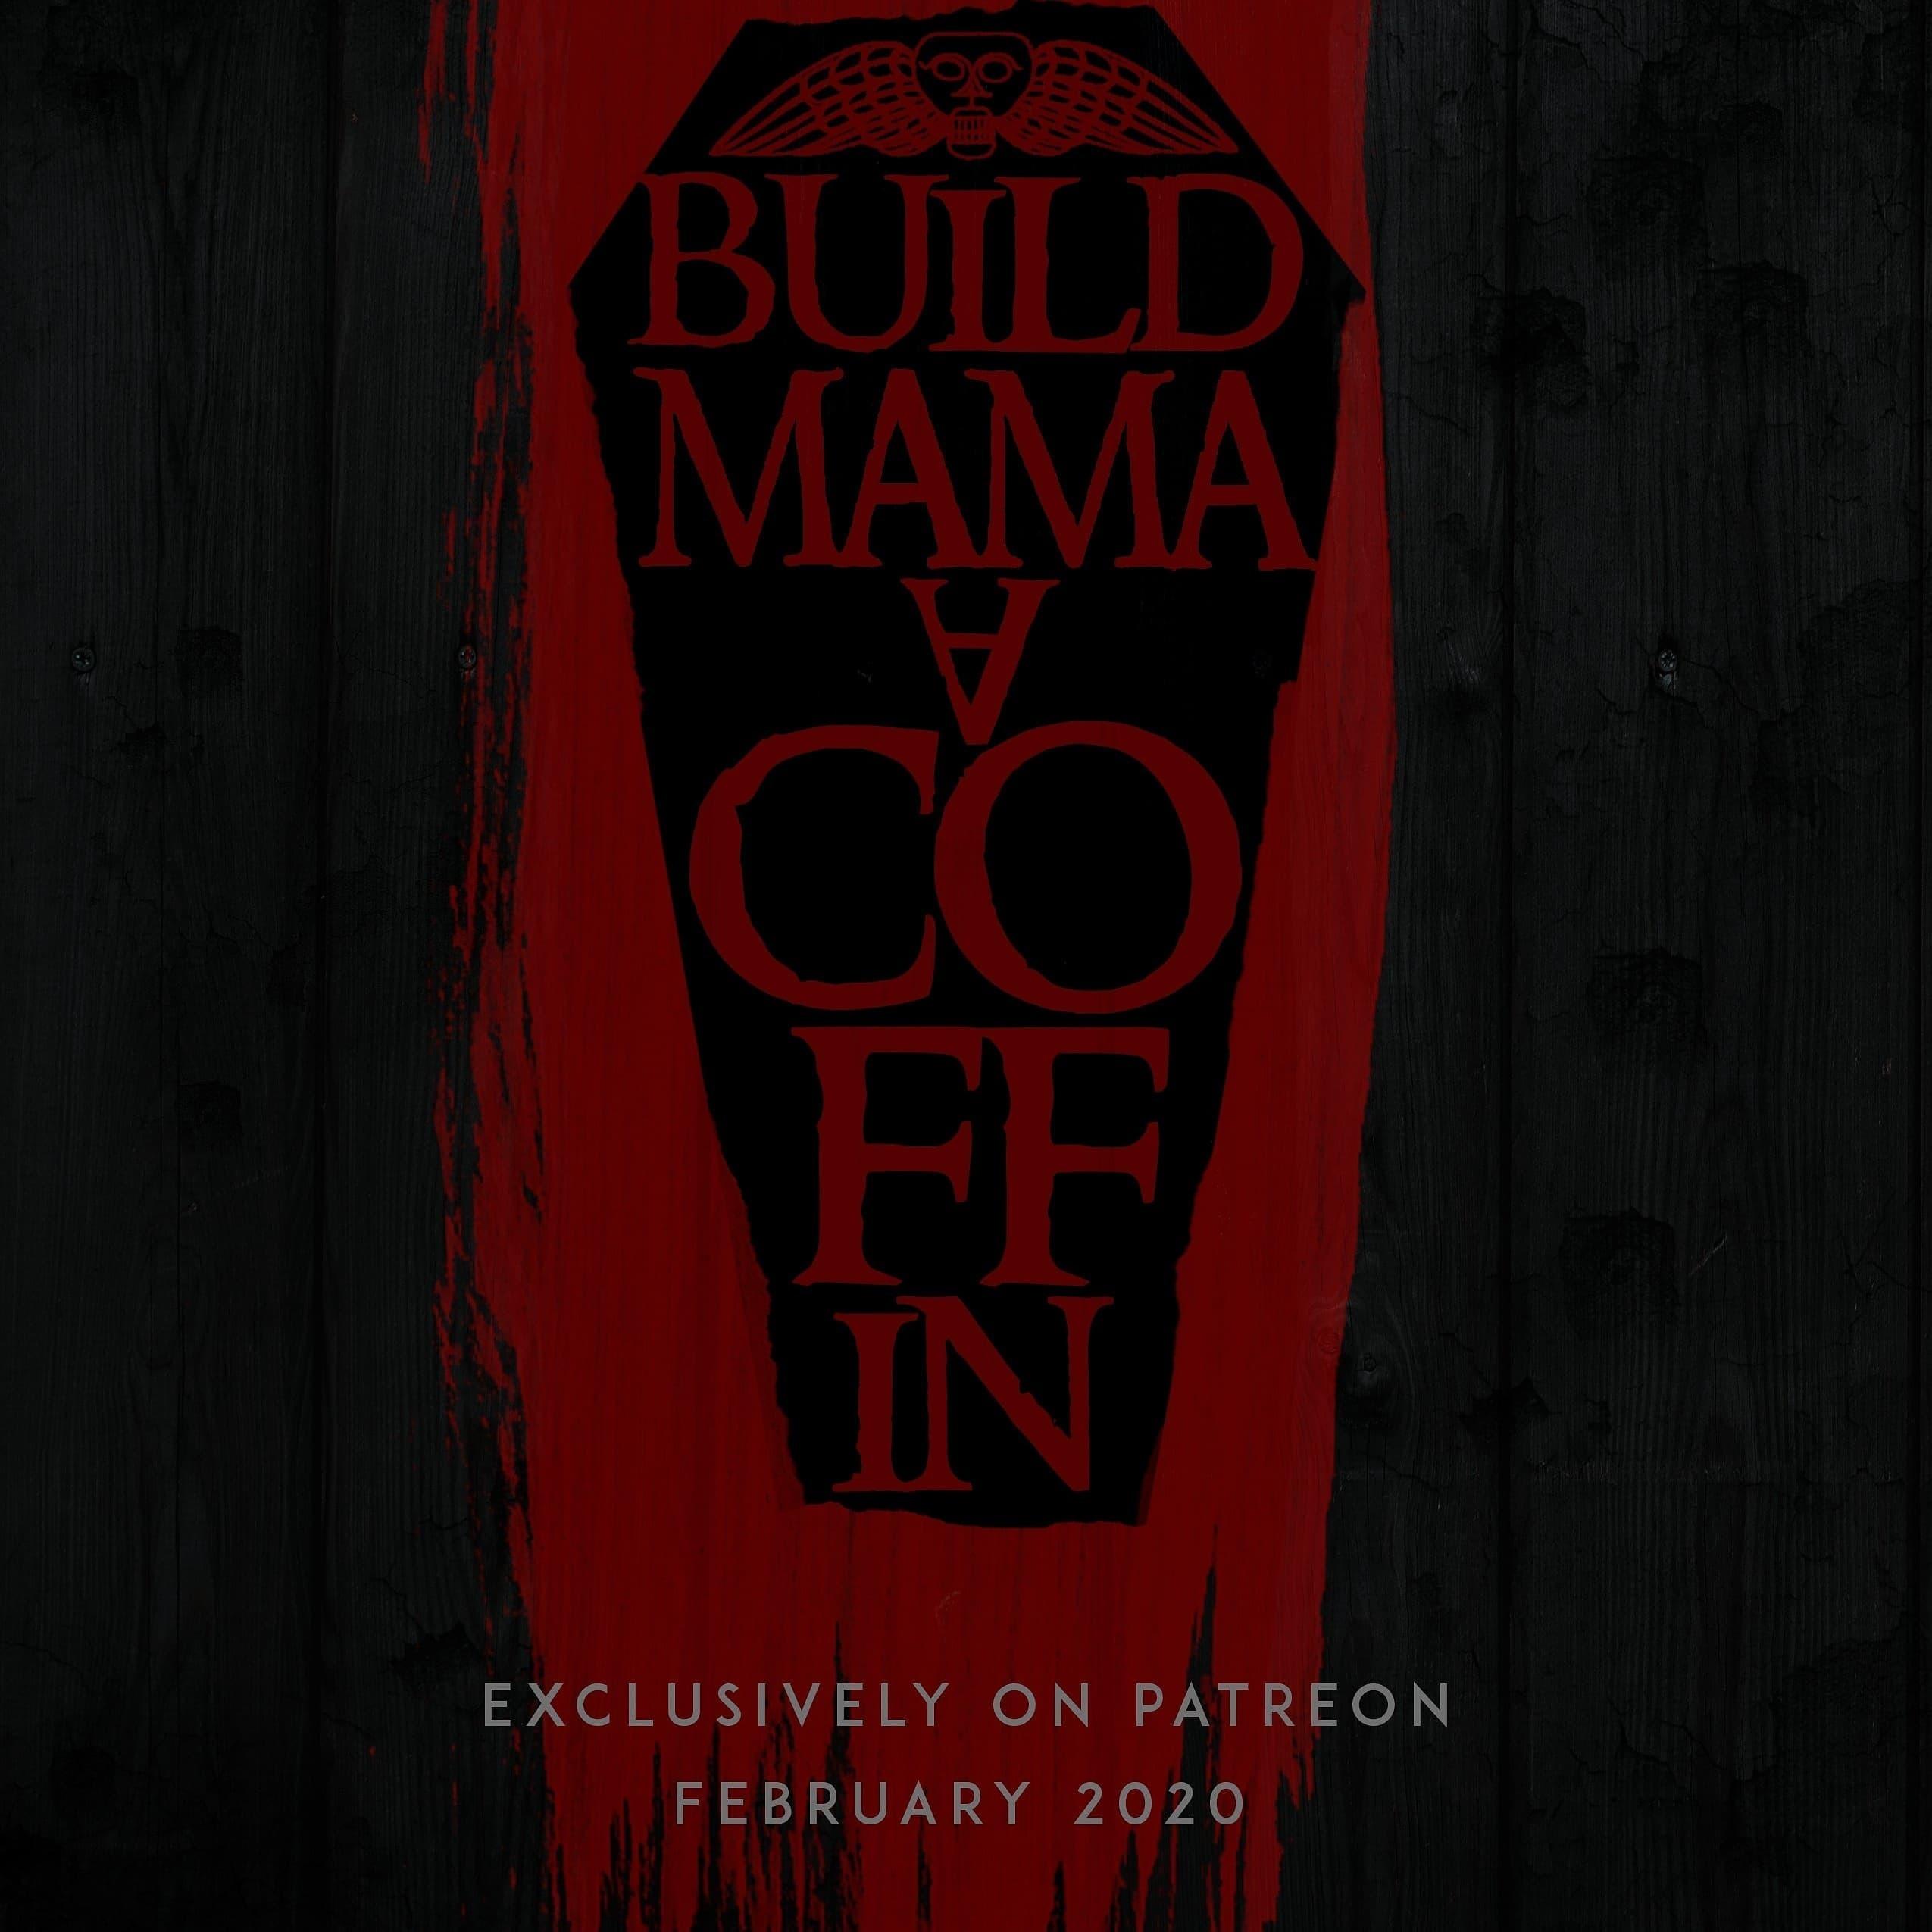 Build Mama a Coffin: Trailer